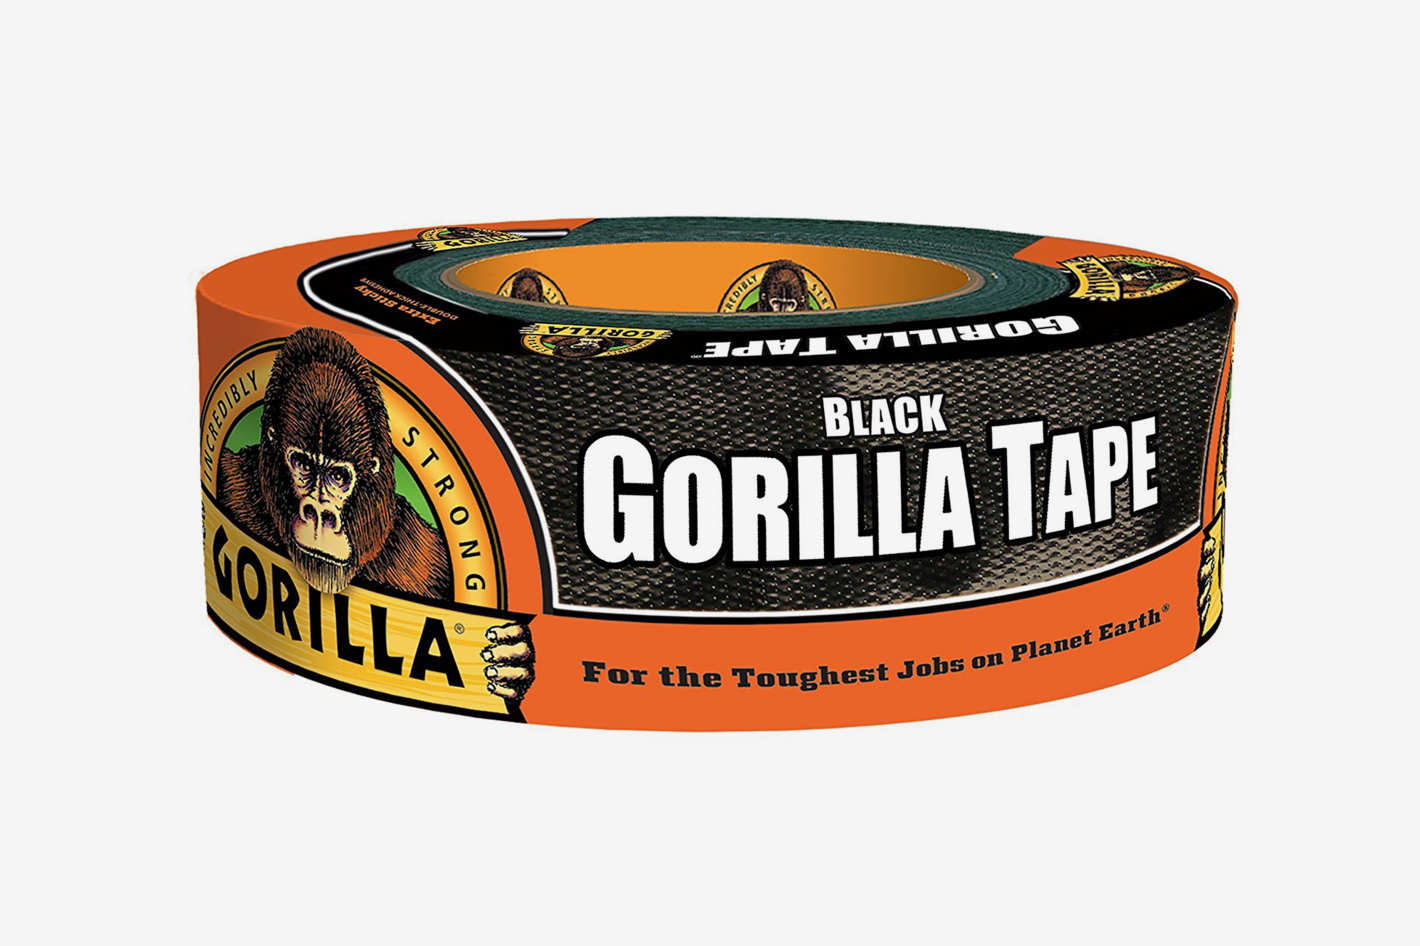 Gorilla 6035180 Tape, Black Duct Tape